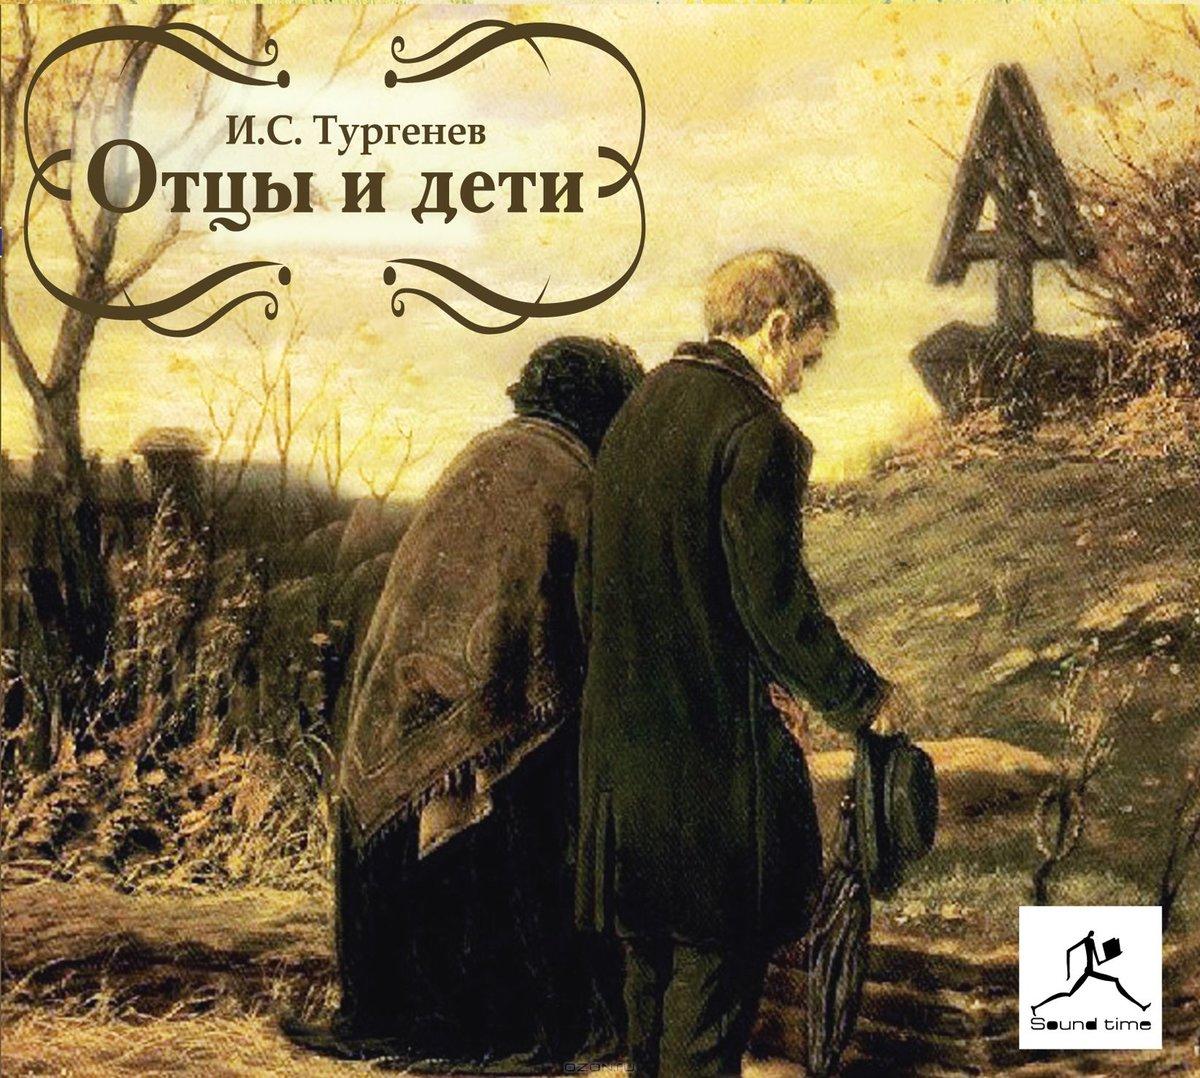 Син просит деньги у отца | livedocuments.ru